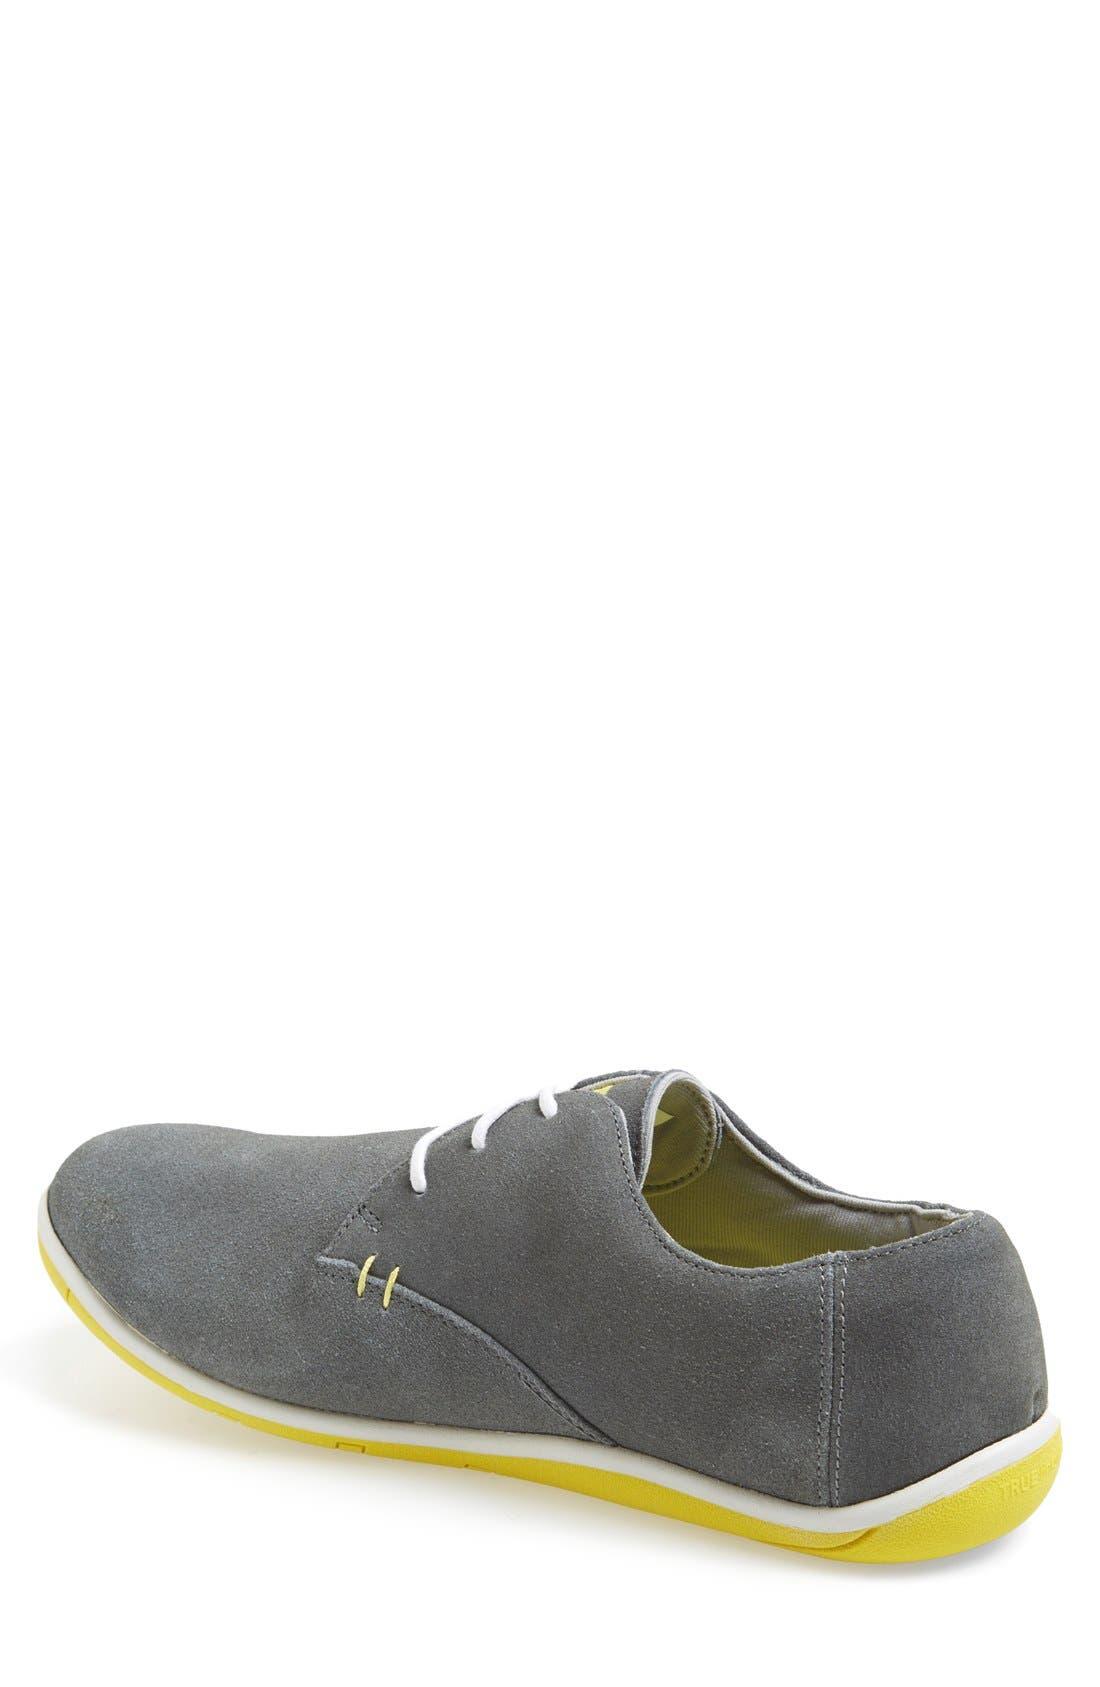 TRUE LINKSWEAR,                             'True Oxford' Golf Shoe,                             Alternate thumbnail 4, color,                             020